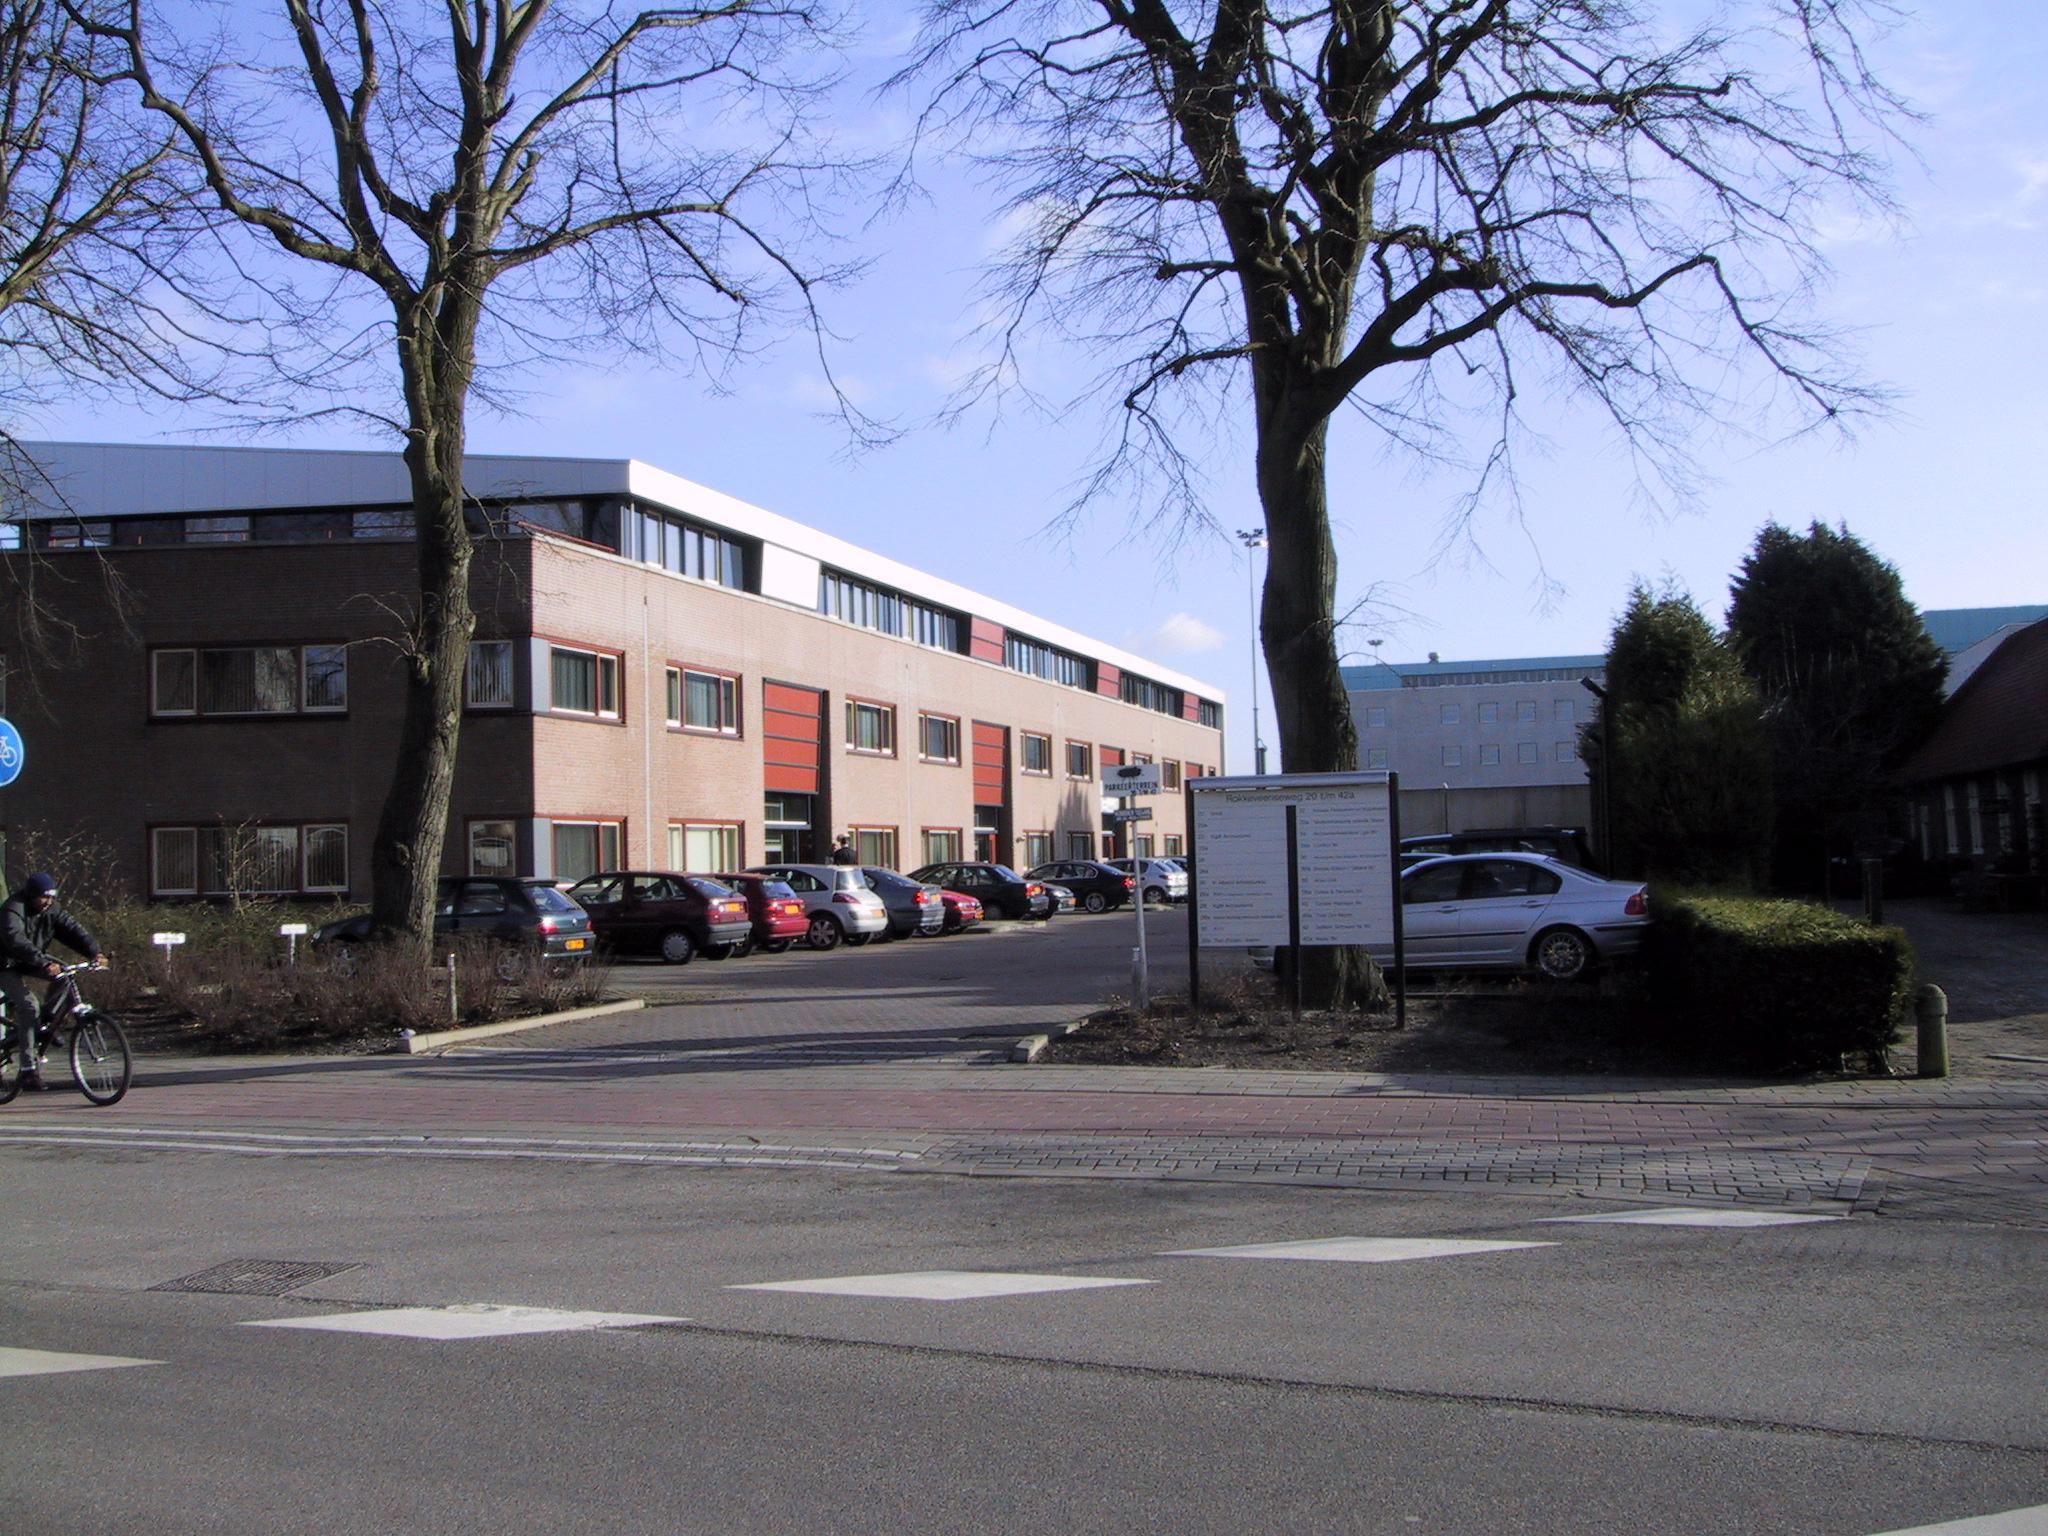 Winkelruimte Zoetermeer Rokkeveenseweg 30 A